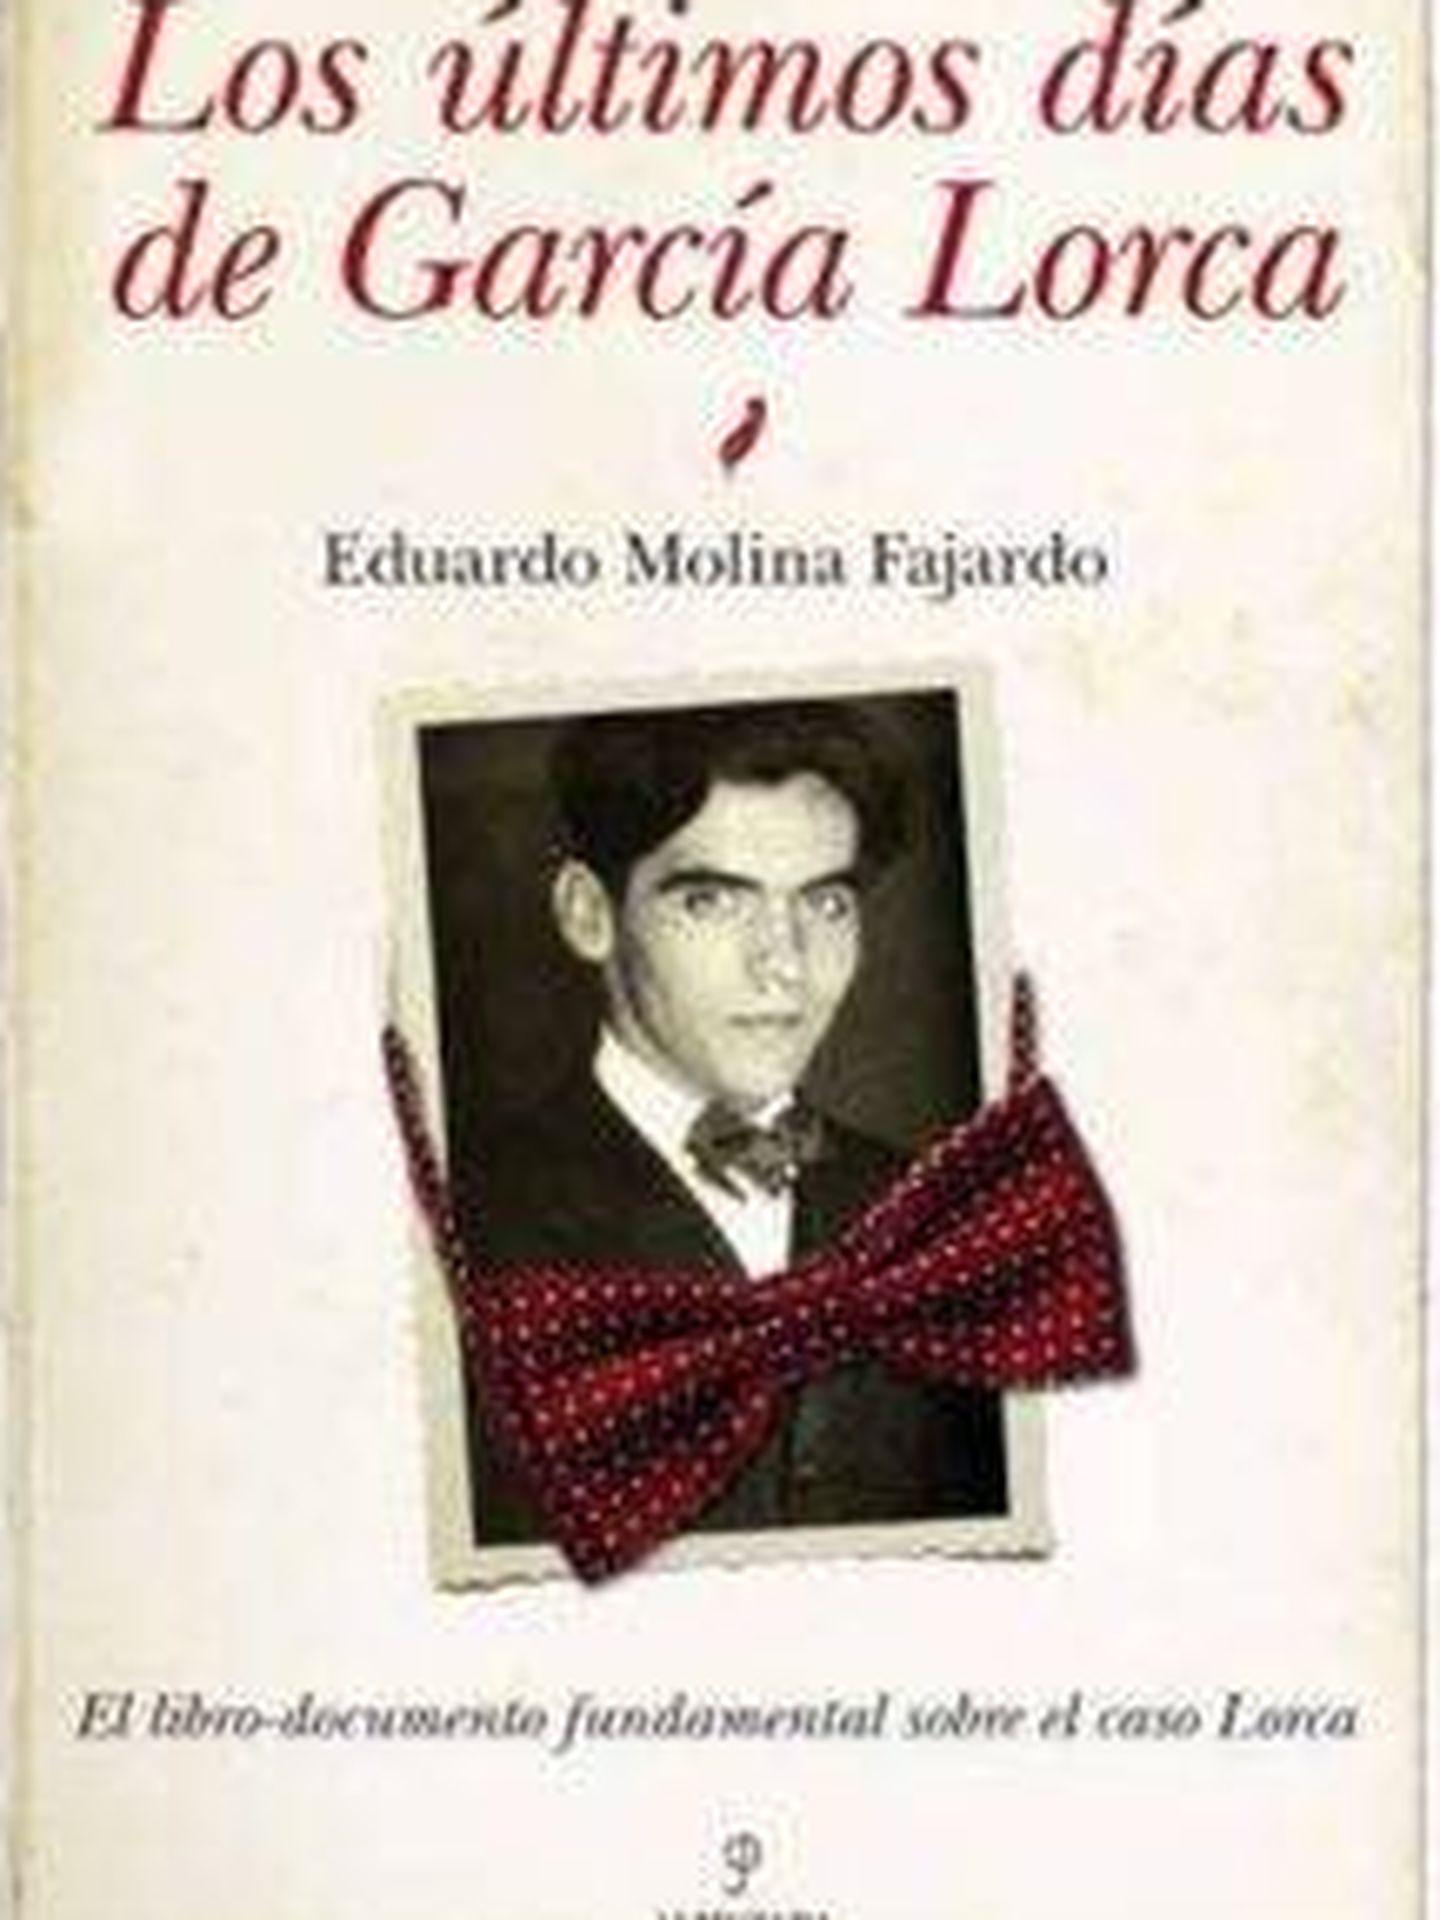 'Los últimos días de García Lorca', de Eduardo Molina Fajardo.